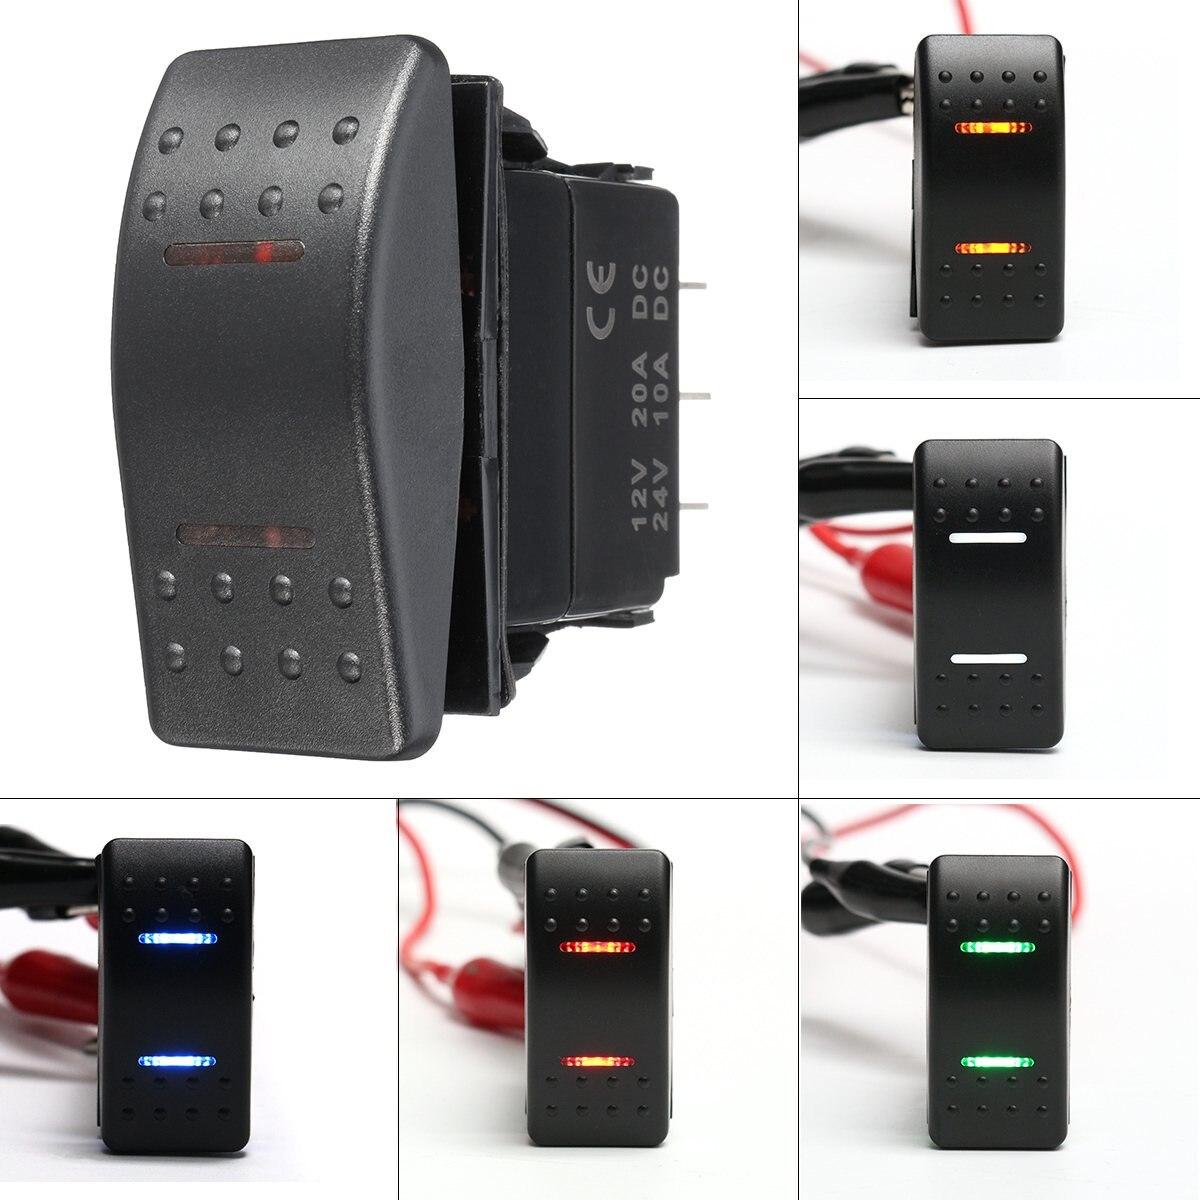 Светодиодные судовые переключатели 12 В 24 В, 7 штырьков, DPDT ВКЛ./ВЫКЛ., 2 светодиодных выключателя